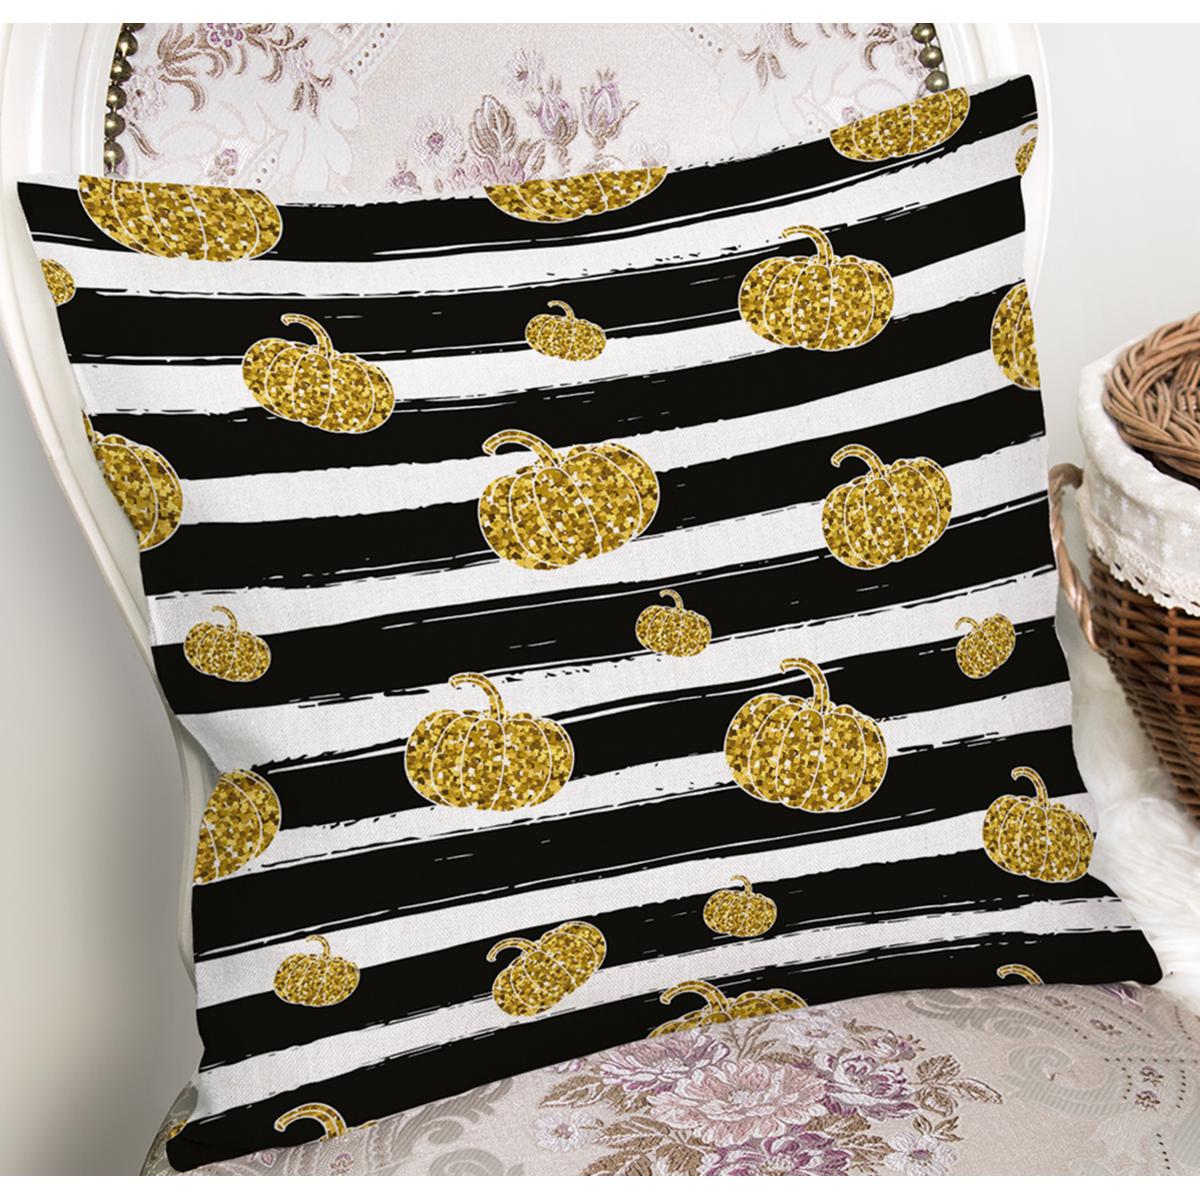 Beyaz Zemin Üzerinde Siyah Çizgili Gold Detaylı Bal Kabağı Yastık Kırlent Kılıfı Realhomes